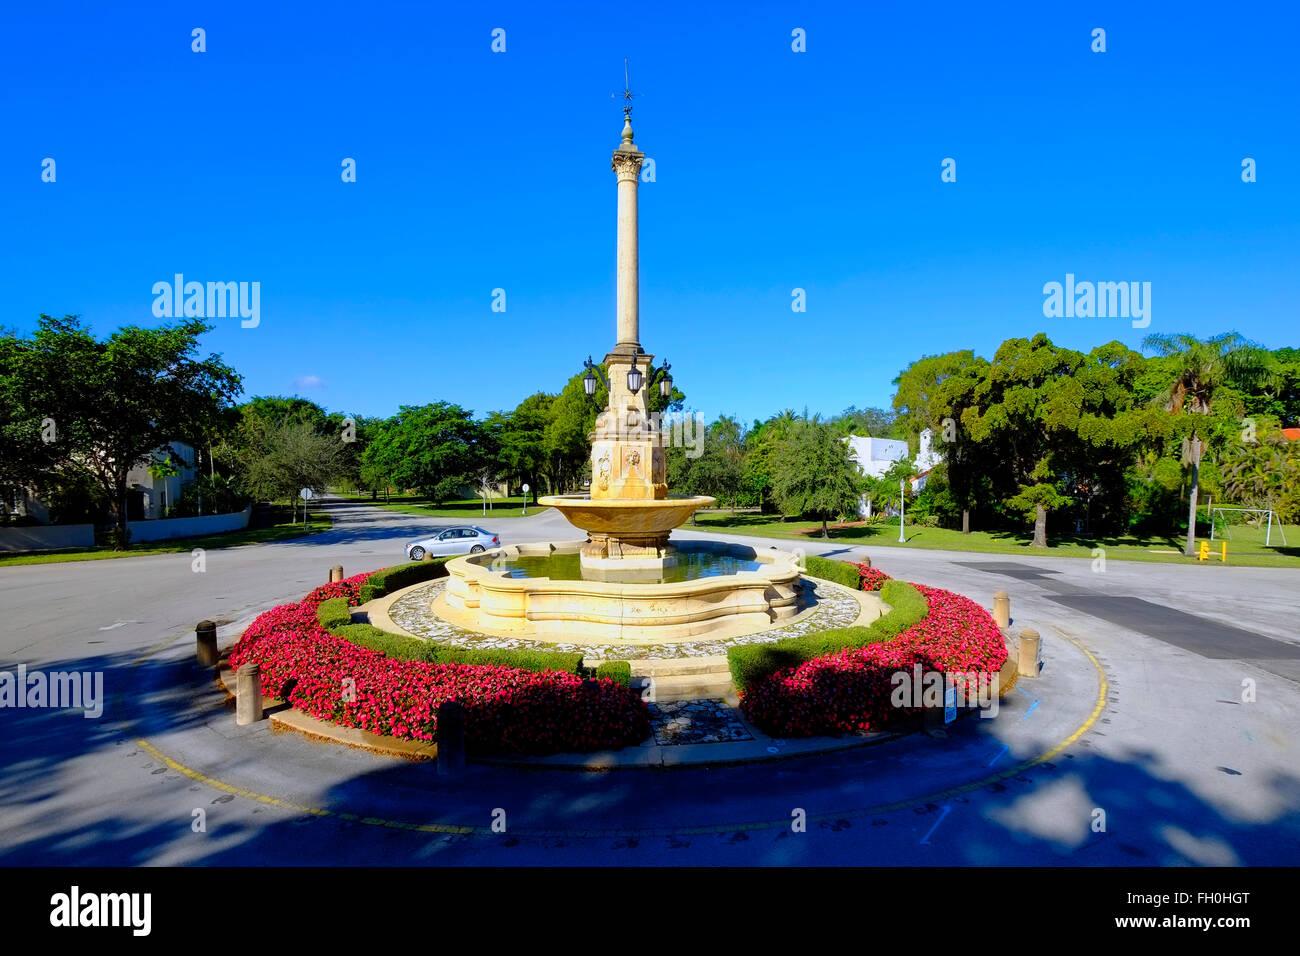 De Soto Fountain in De Soto Plaza near the Biltmore hotel Miamia FL Florida - Stock Image